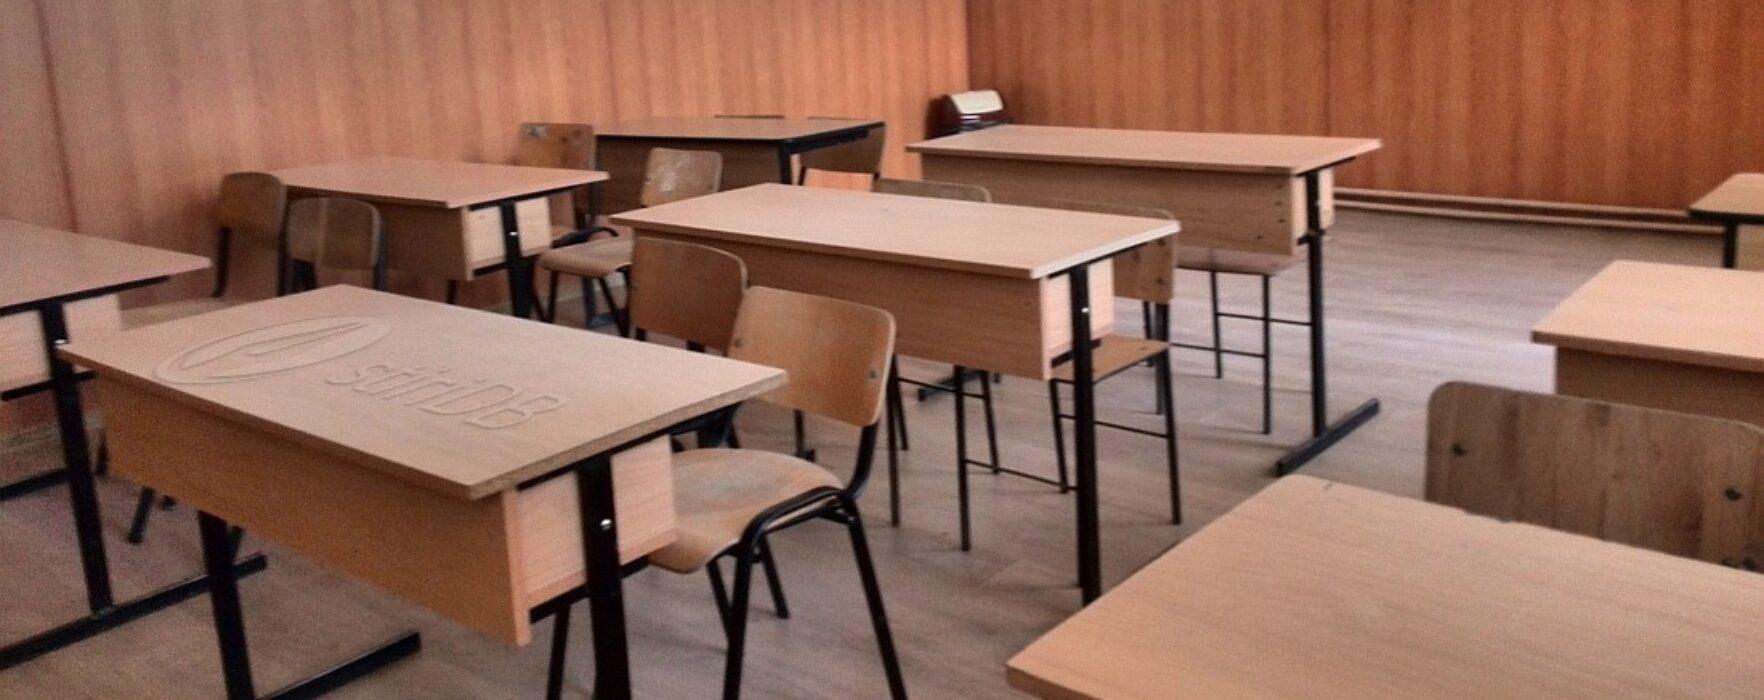 Târgovişte: 18 unităţi de învăţământ vor fi modernizate şi reabilitate